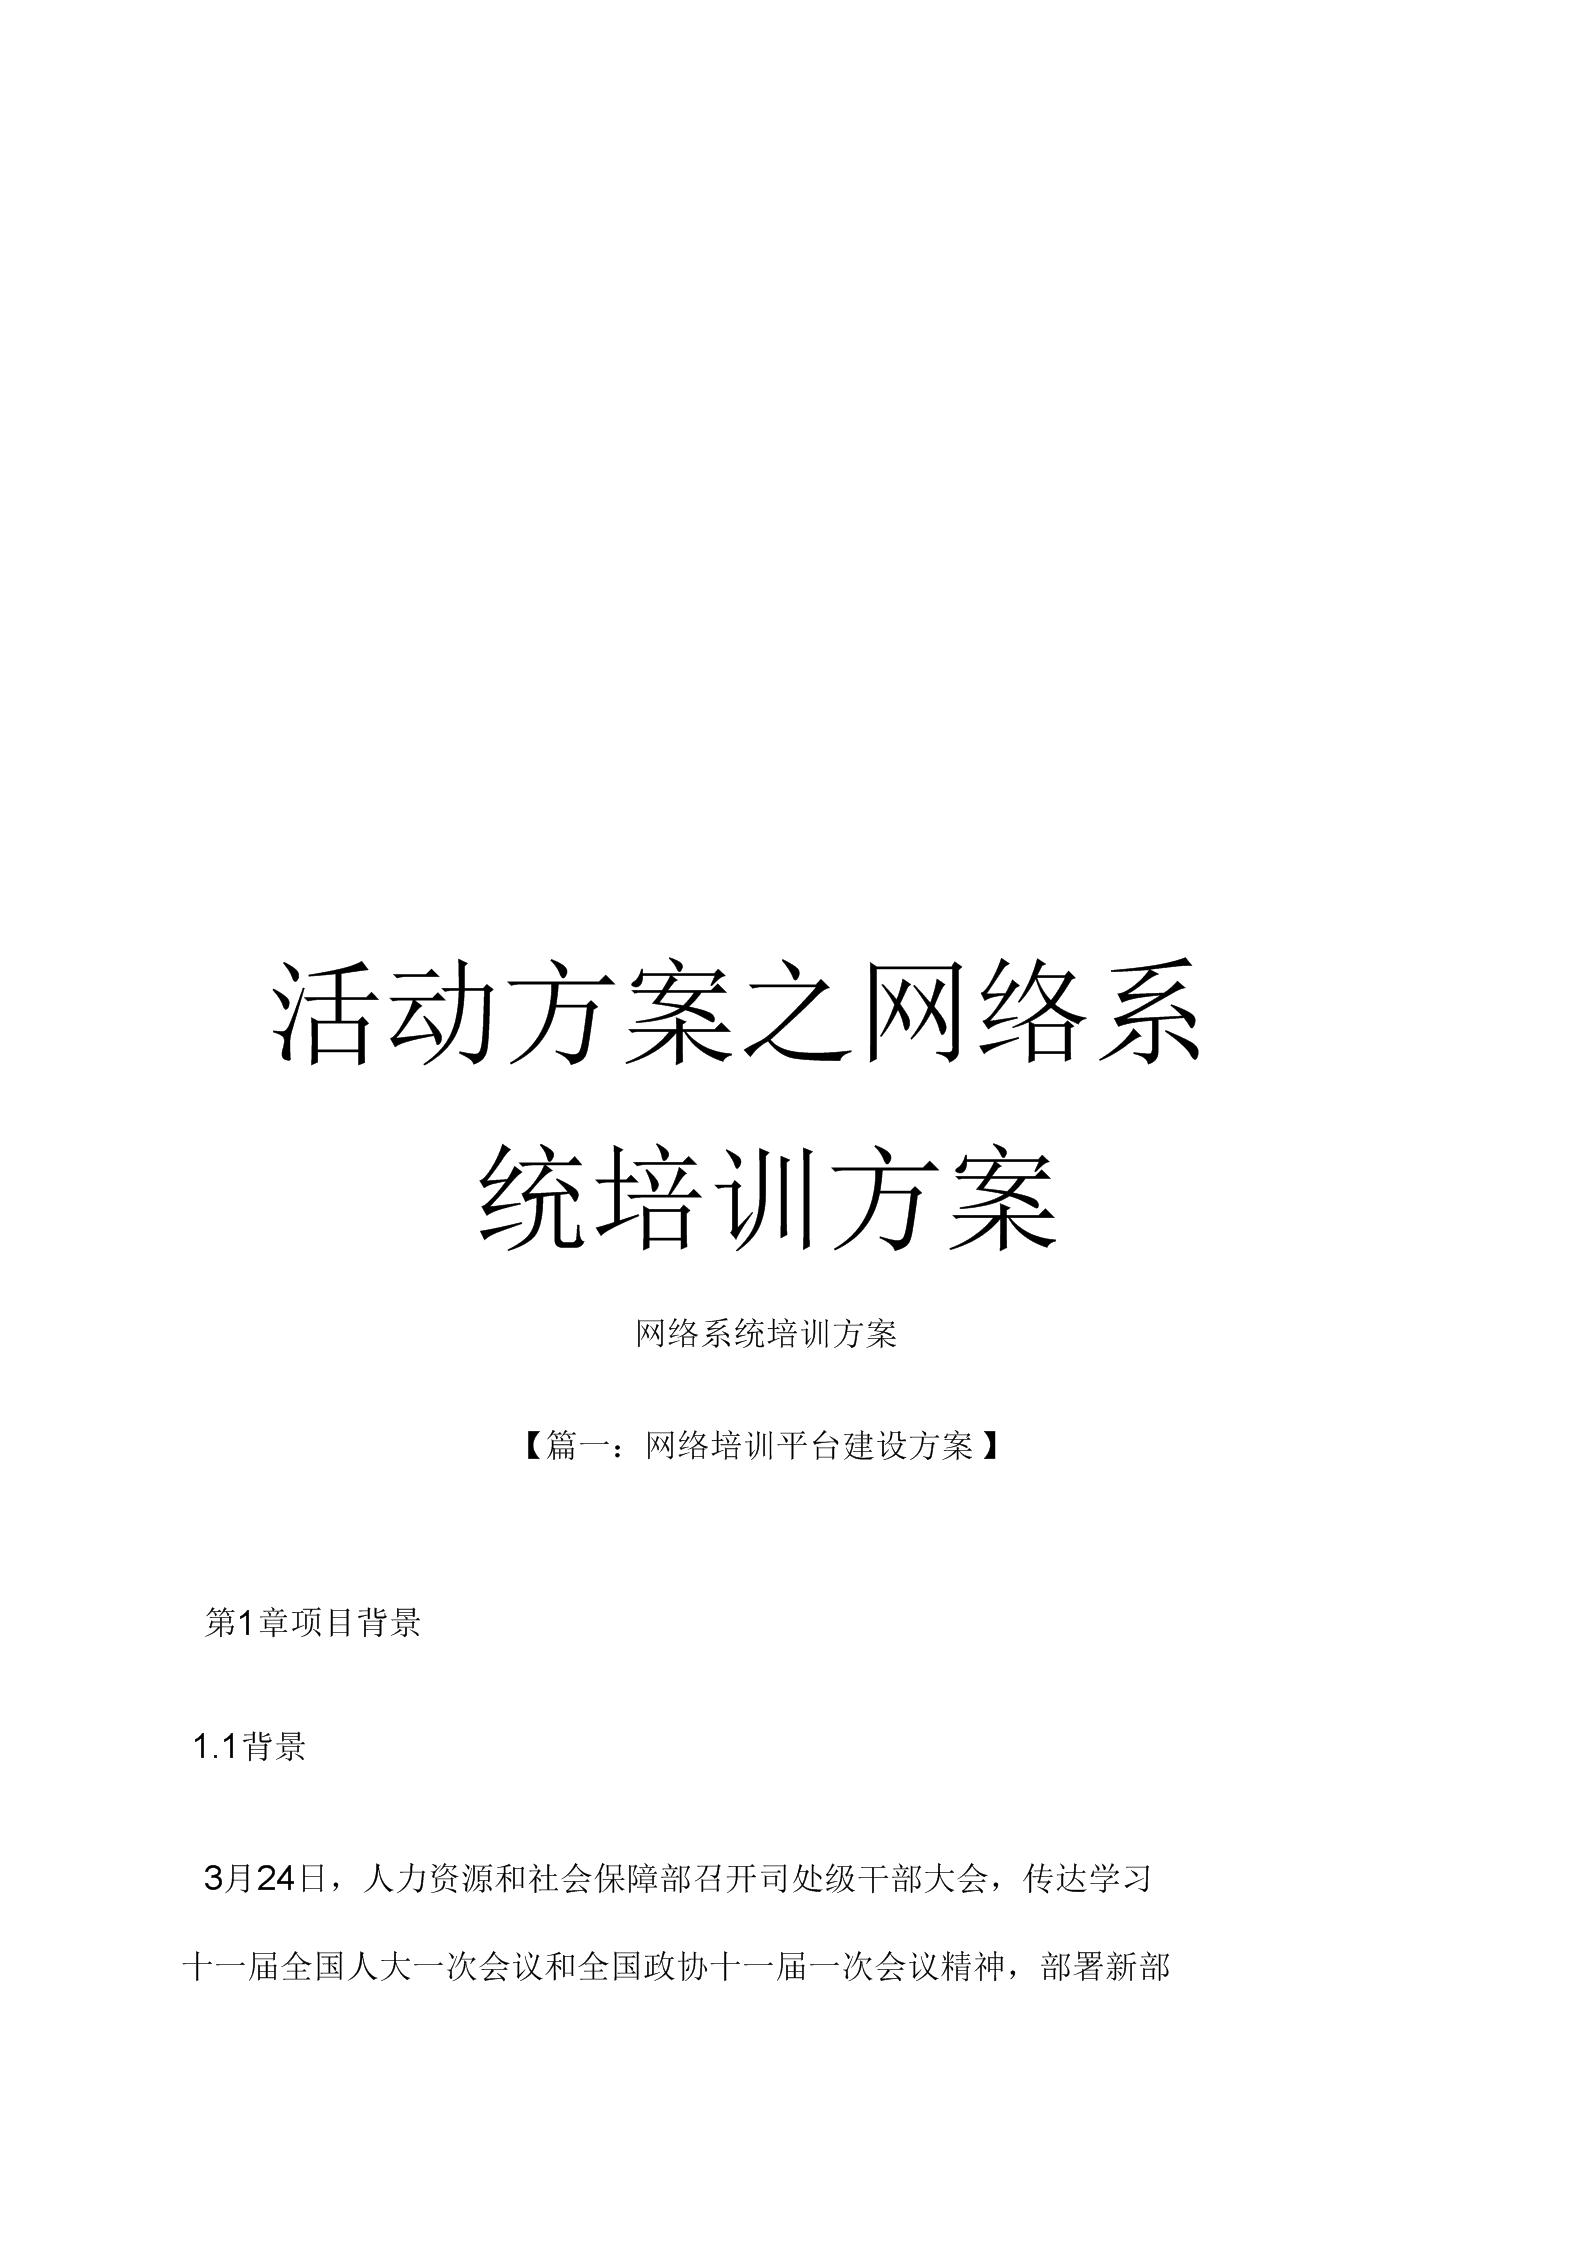 《活动方案之网络系统培训方案》.docx